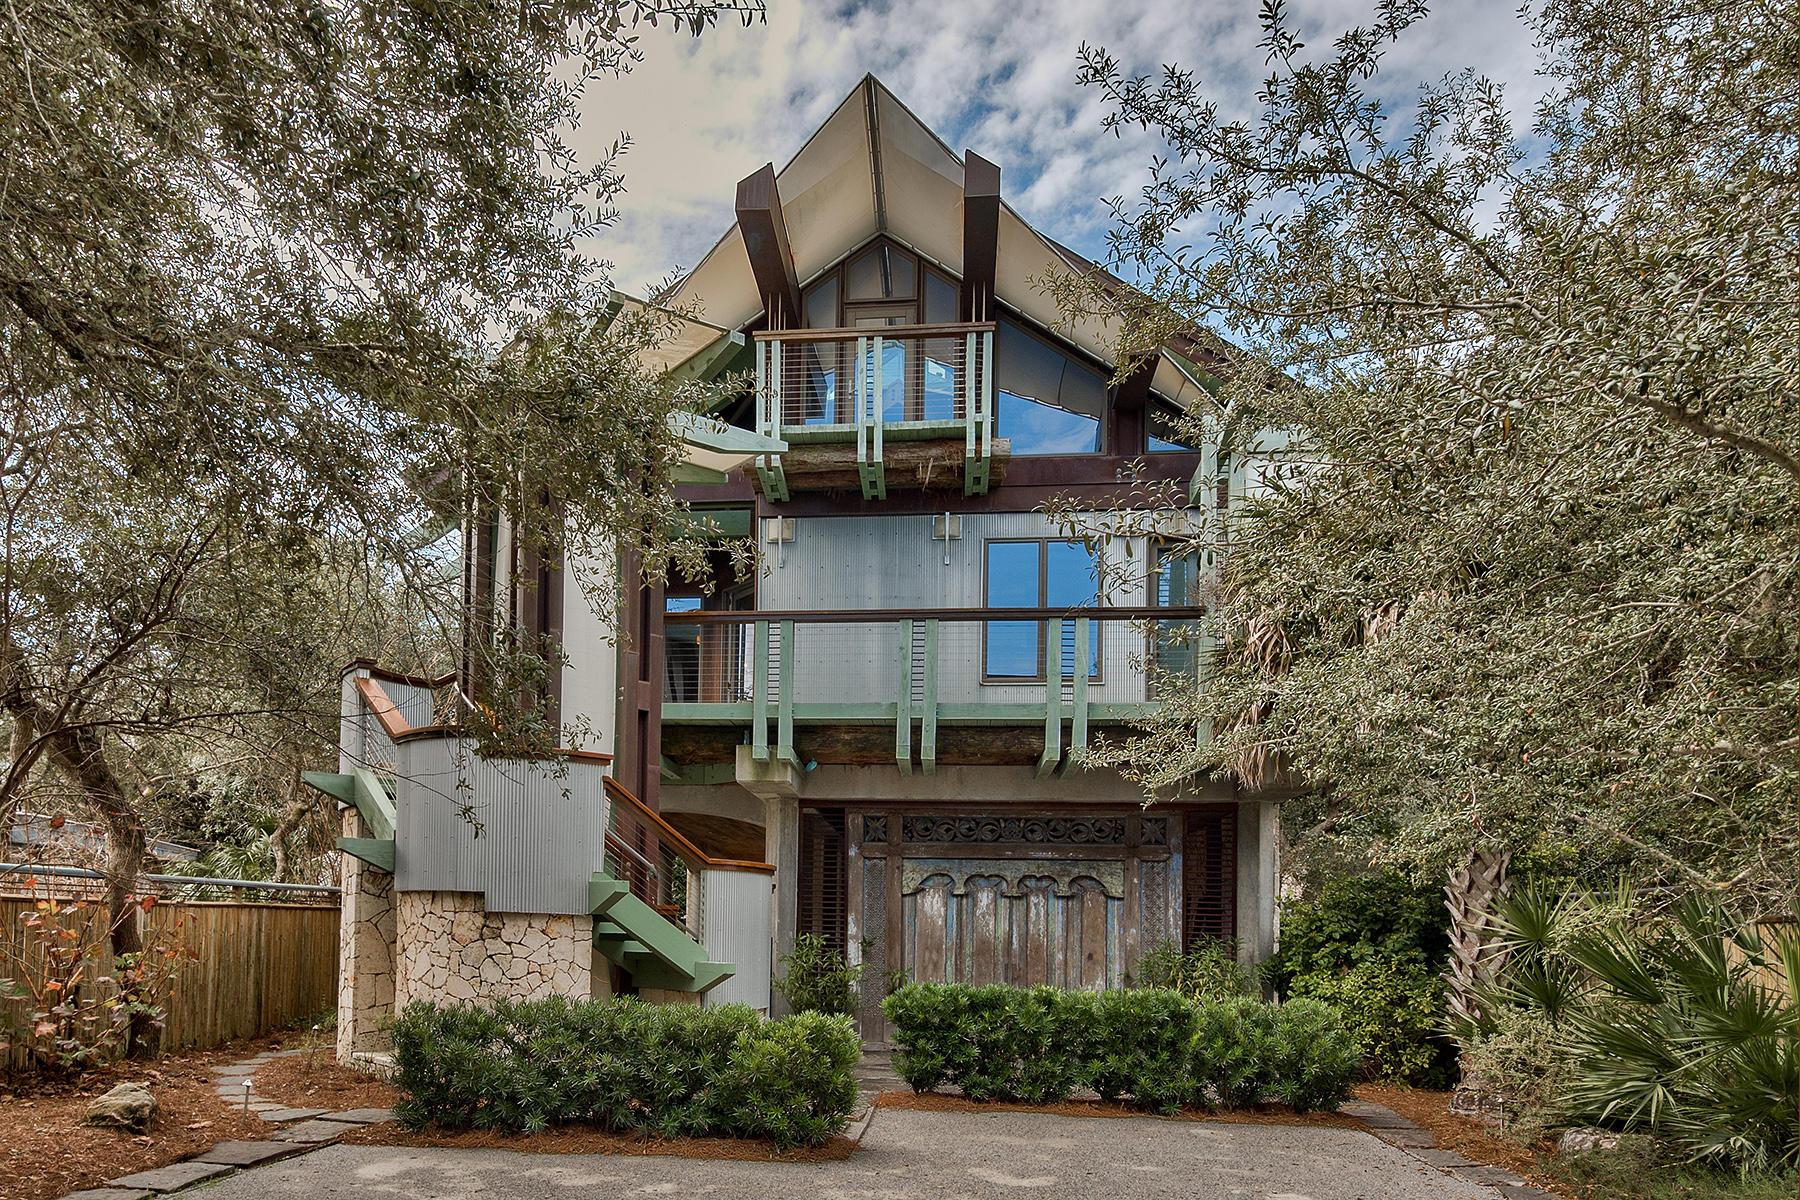 Maison unifamiliale pour l Vente à ONE OF A KIND ARCHITECTURAL MASTERPIECE 52 Banfill Street Santa Rosa Beach, Florida, 32459 États-Unis